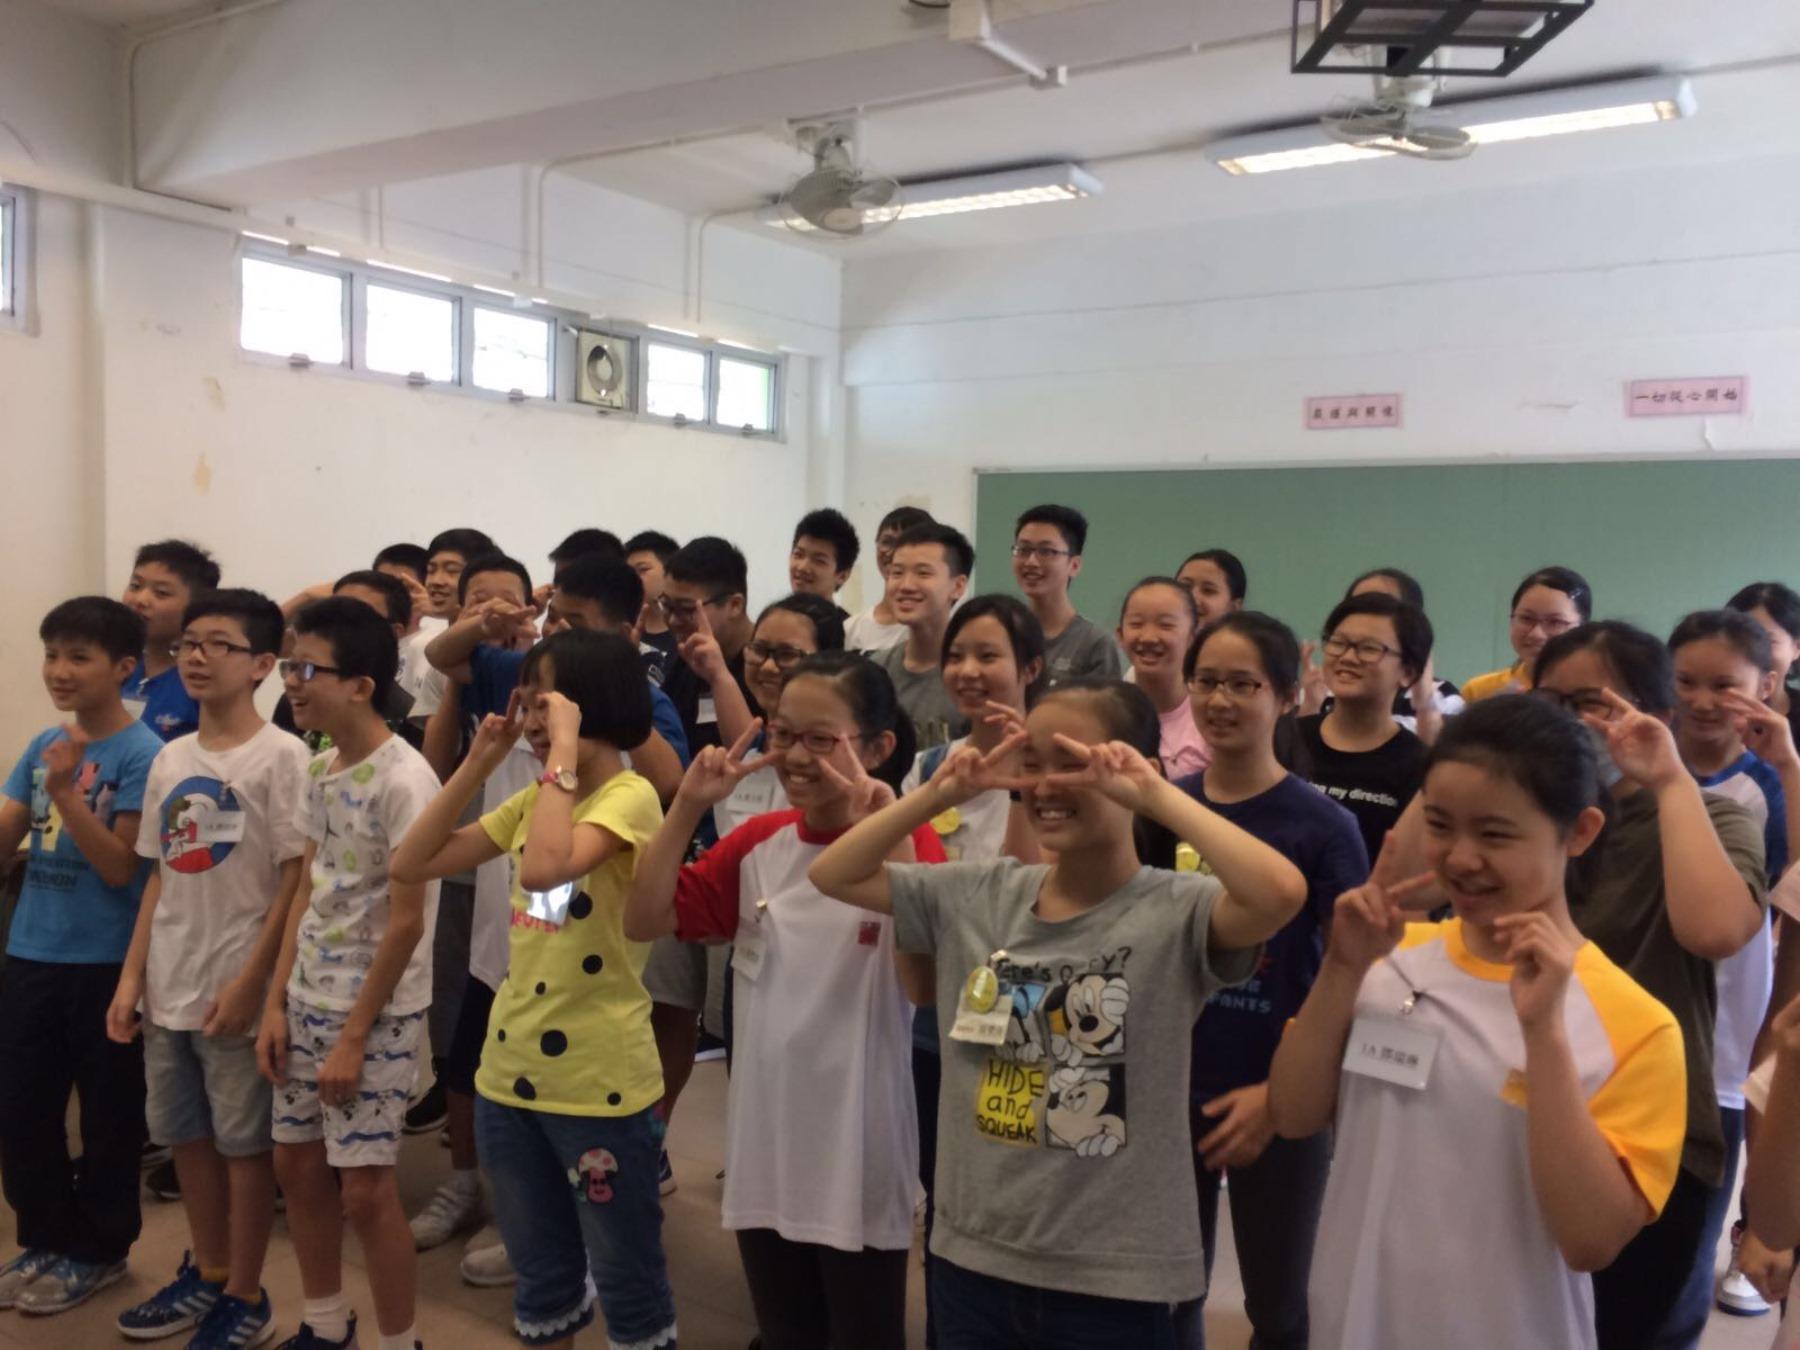 http://www.npc.edu.hk/sites/default/files/1a_zhong_ying_bing_chong_ying_jie_tiao_zhan_20170816_03.jpg